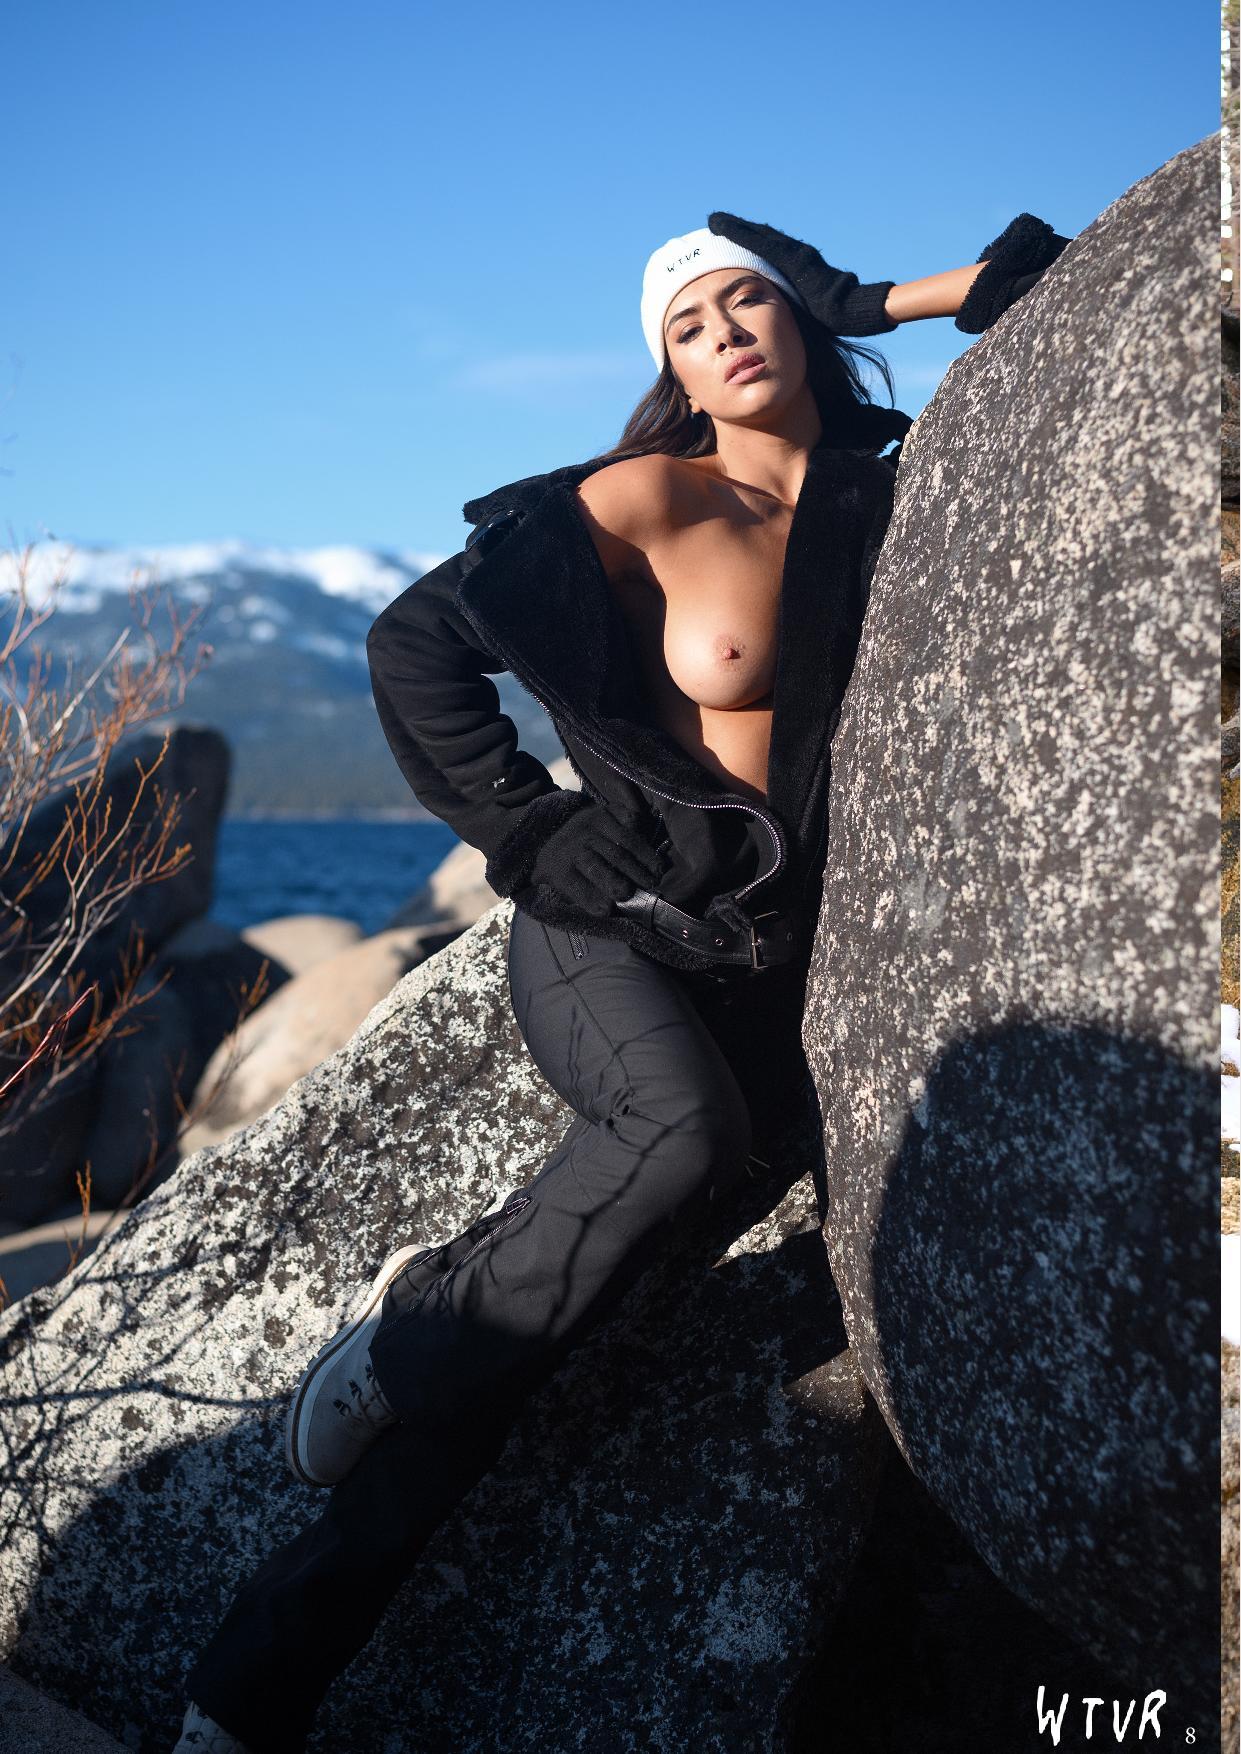 Rachel Cook, Alexis Rupp Nude – Wtvr Magazine №3 0006